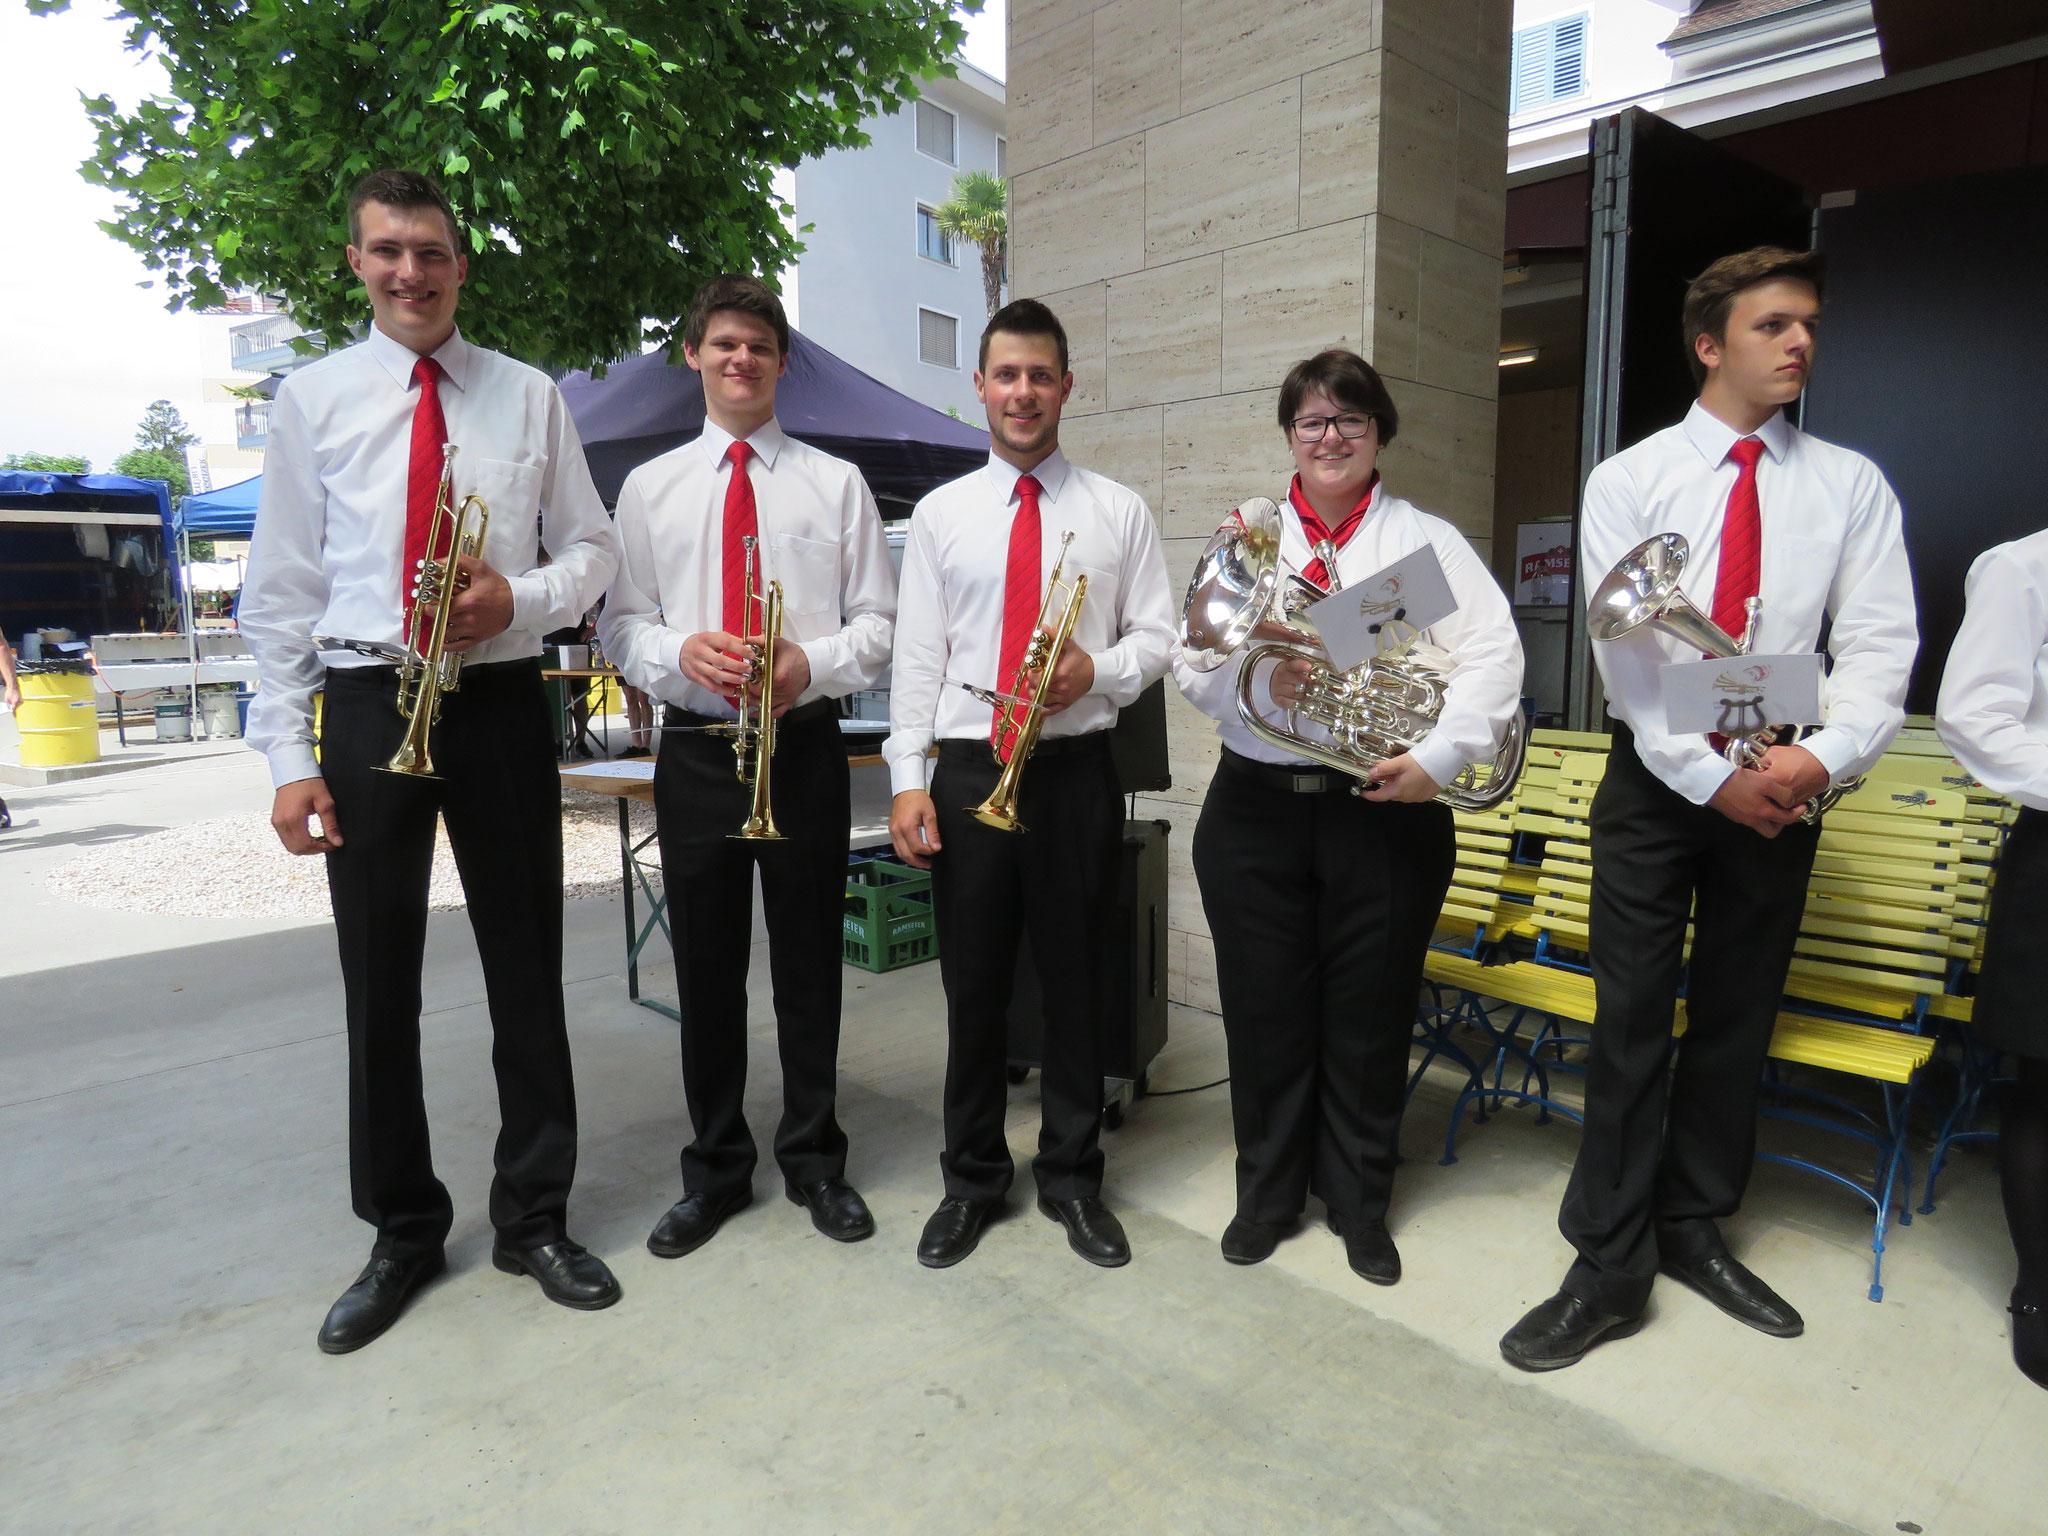 Die jungen Musikantinnen und Musikanten sind bereit für ihren Special Act: Das Leben einer Uniform.